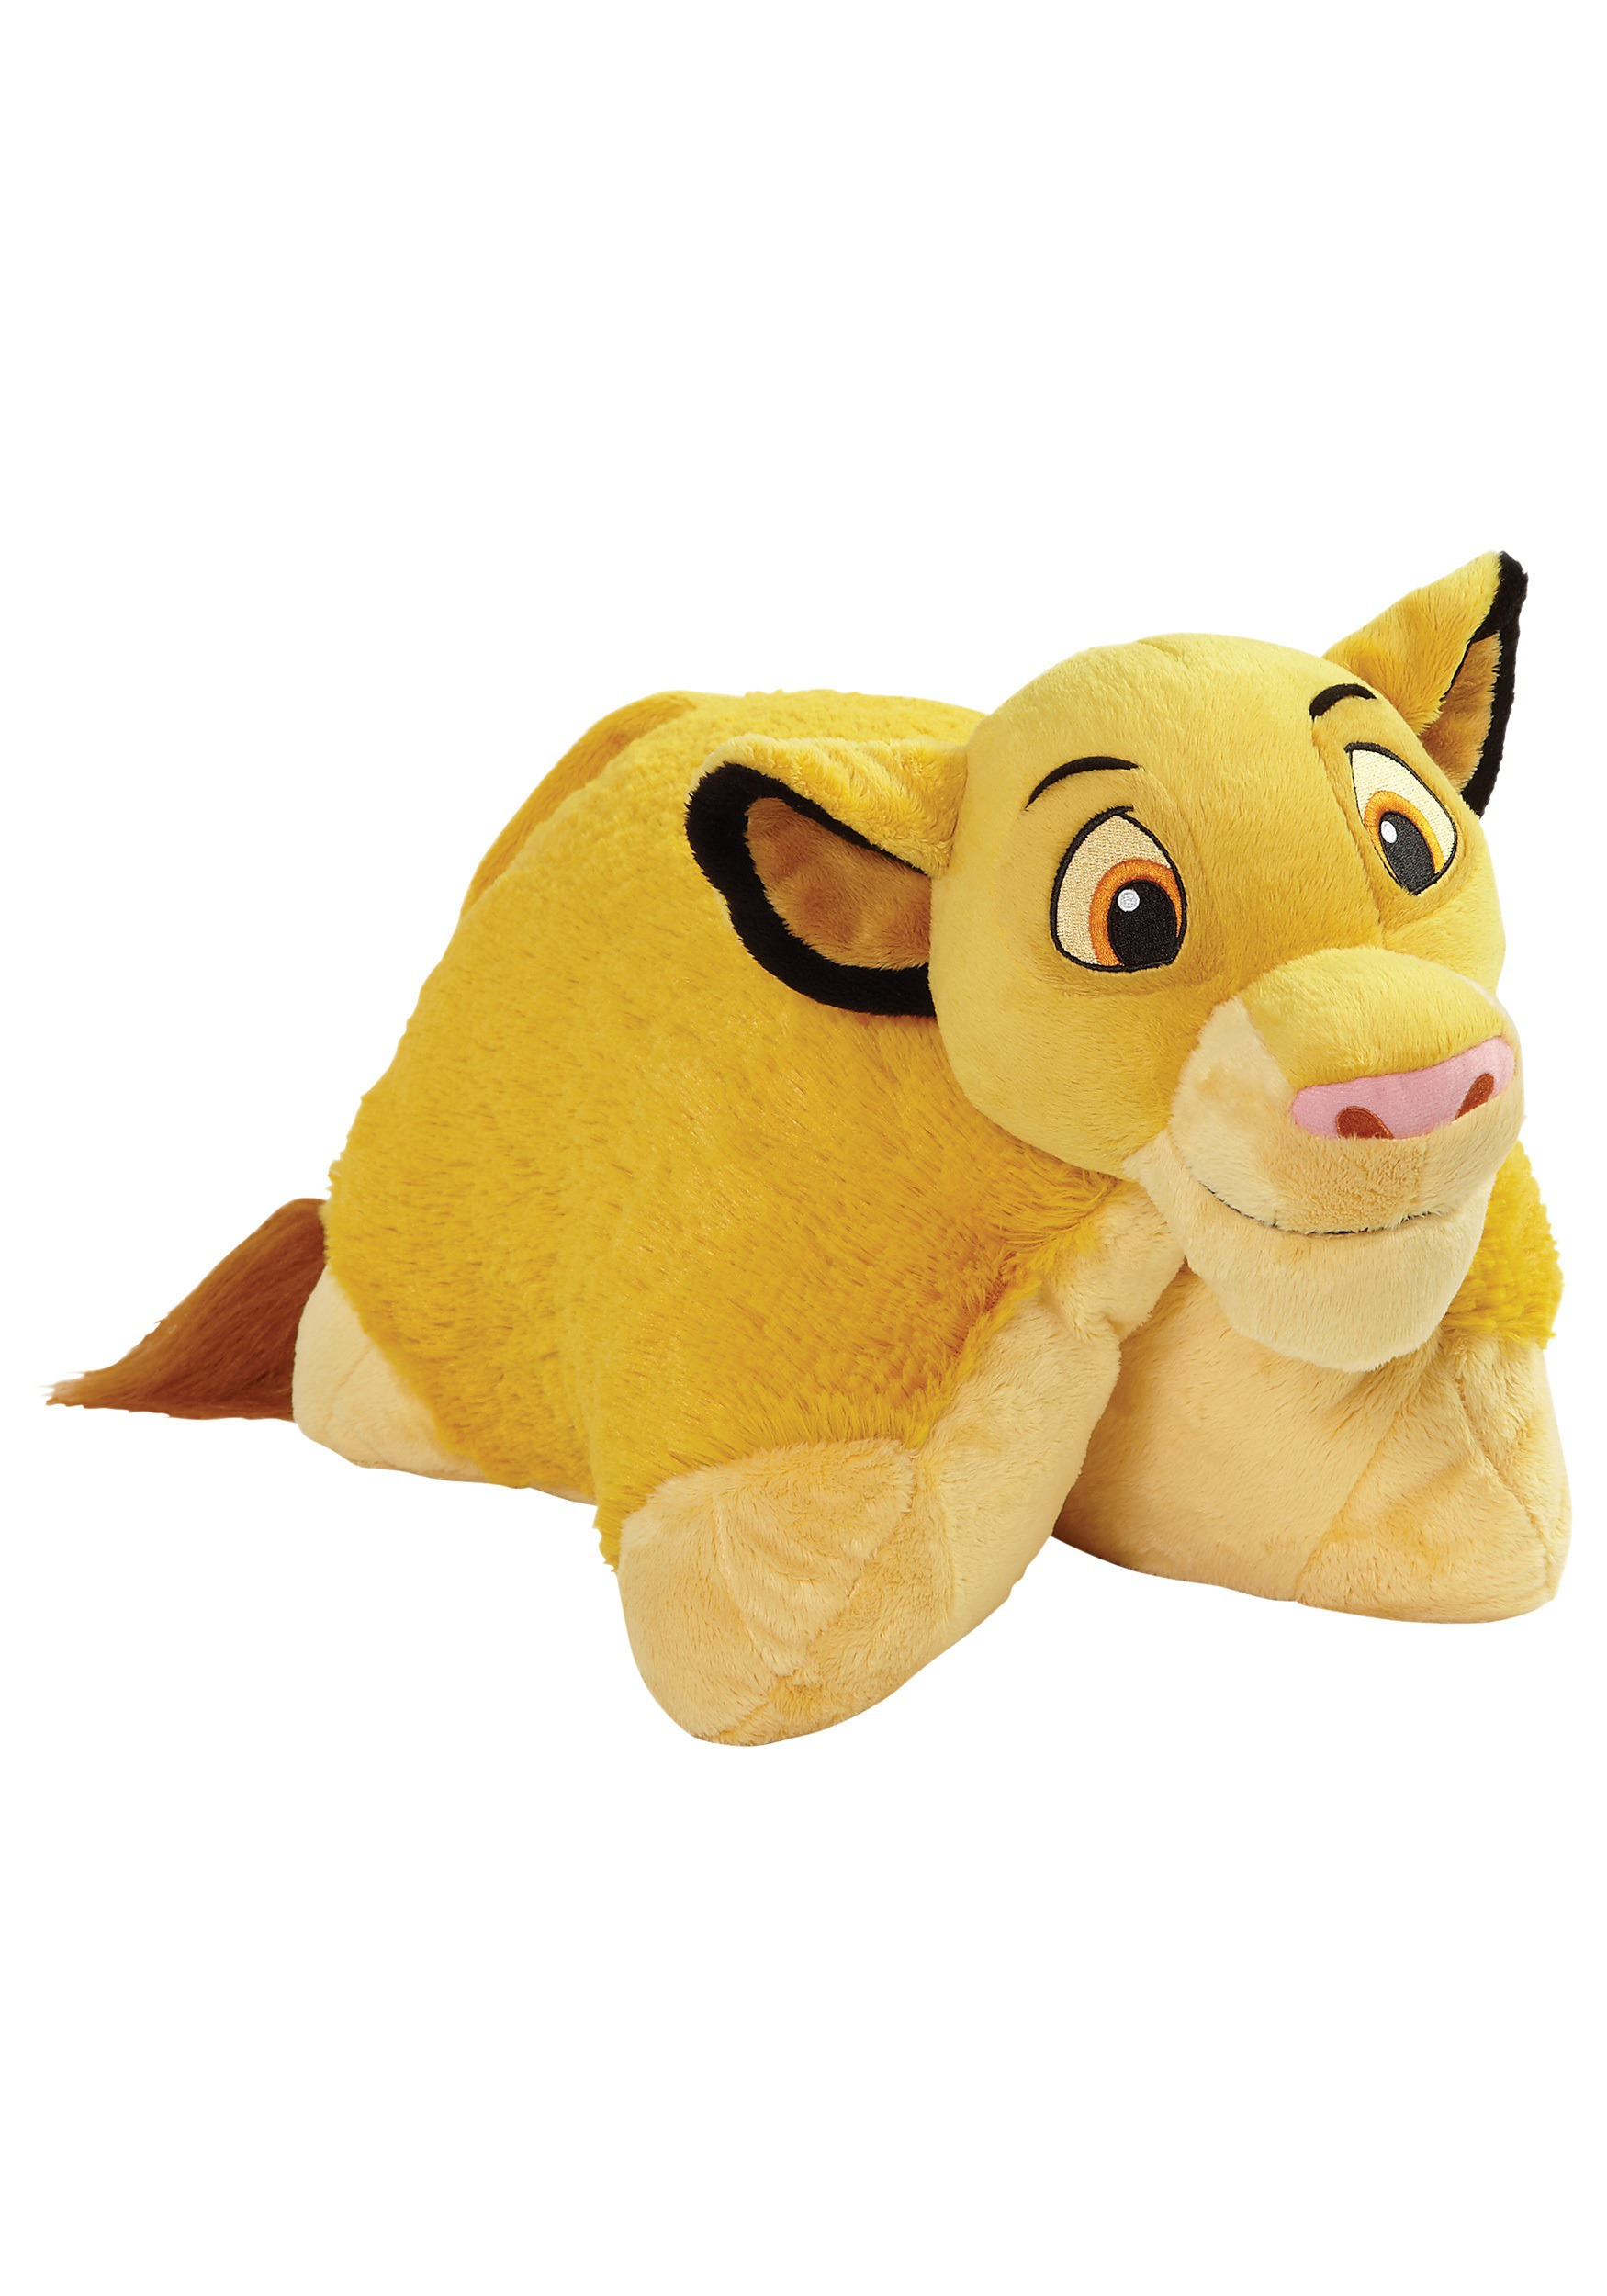 Disney Lion King Simba Pillow Pet - Walmart.com